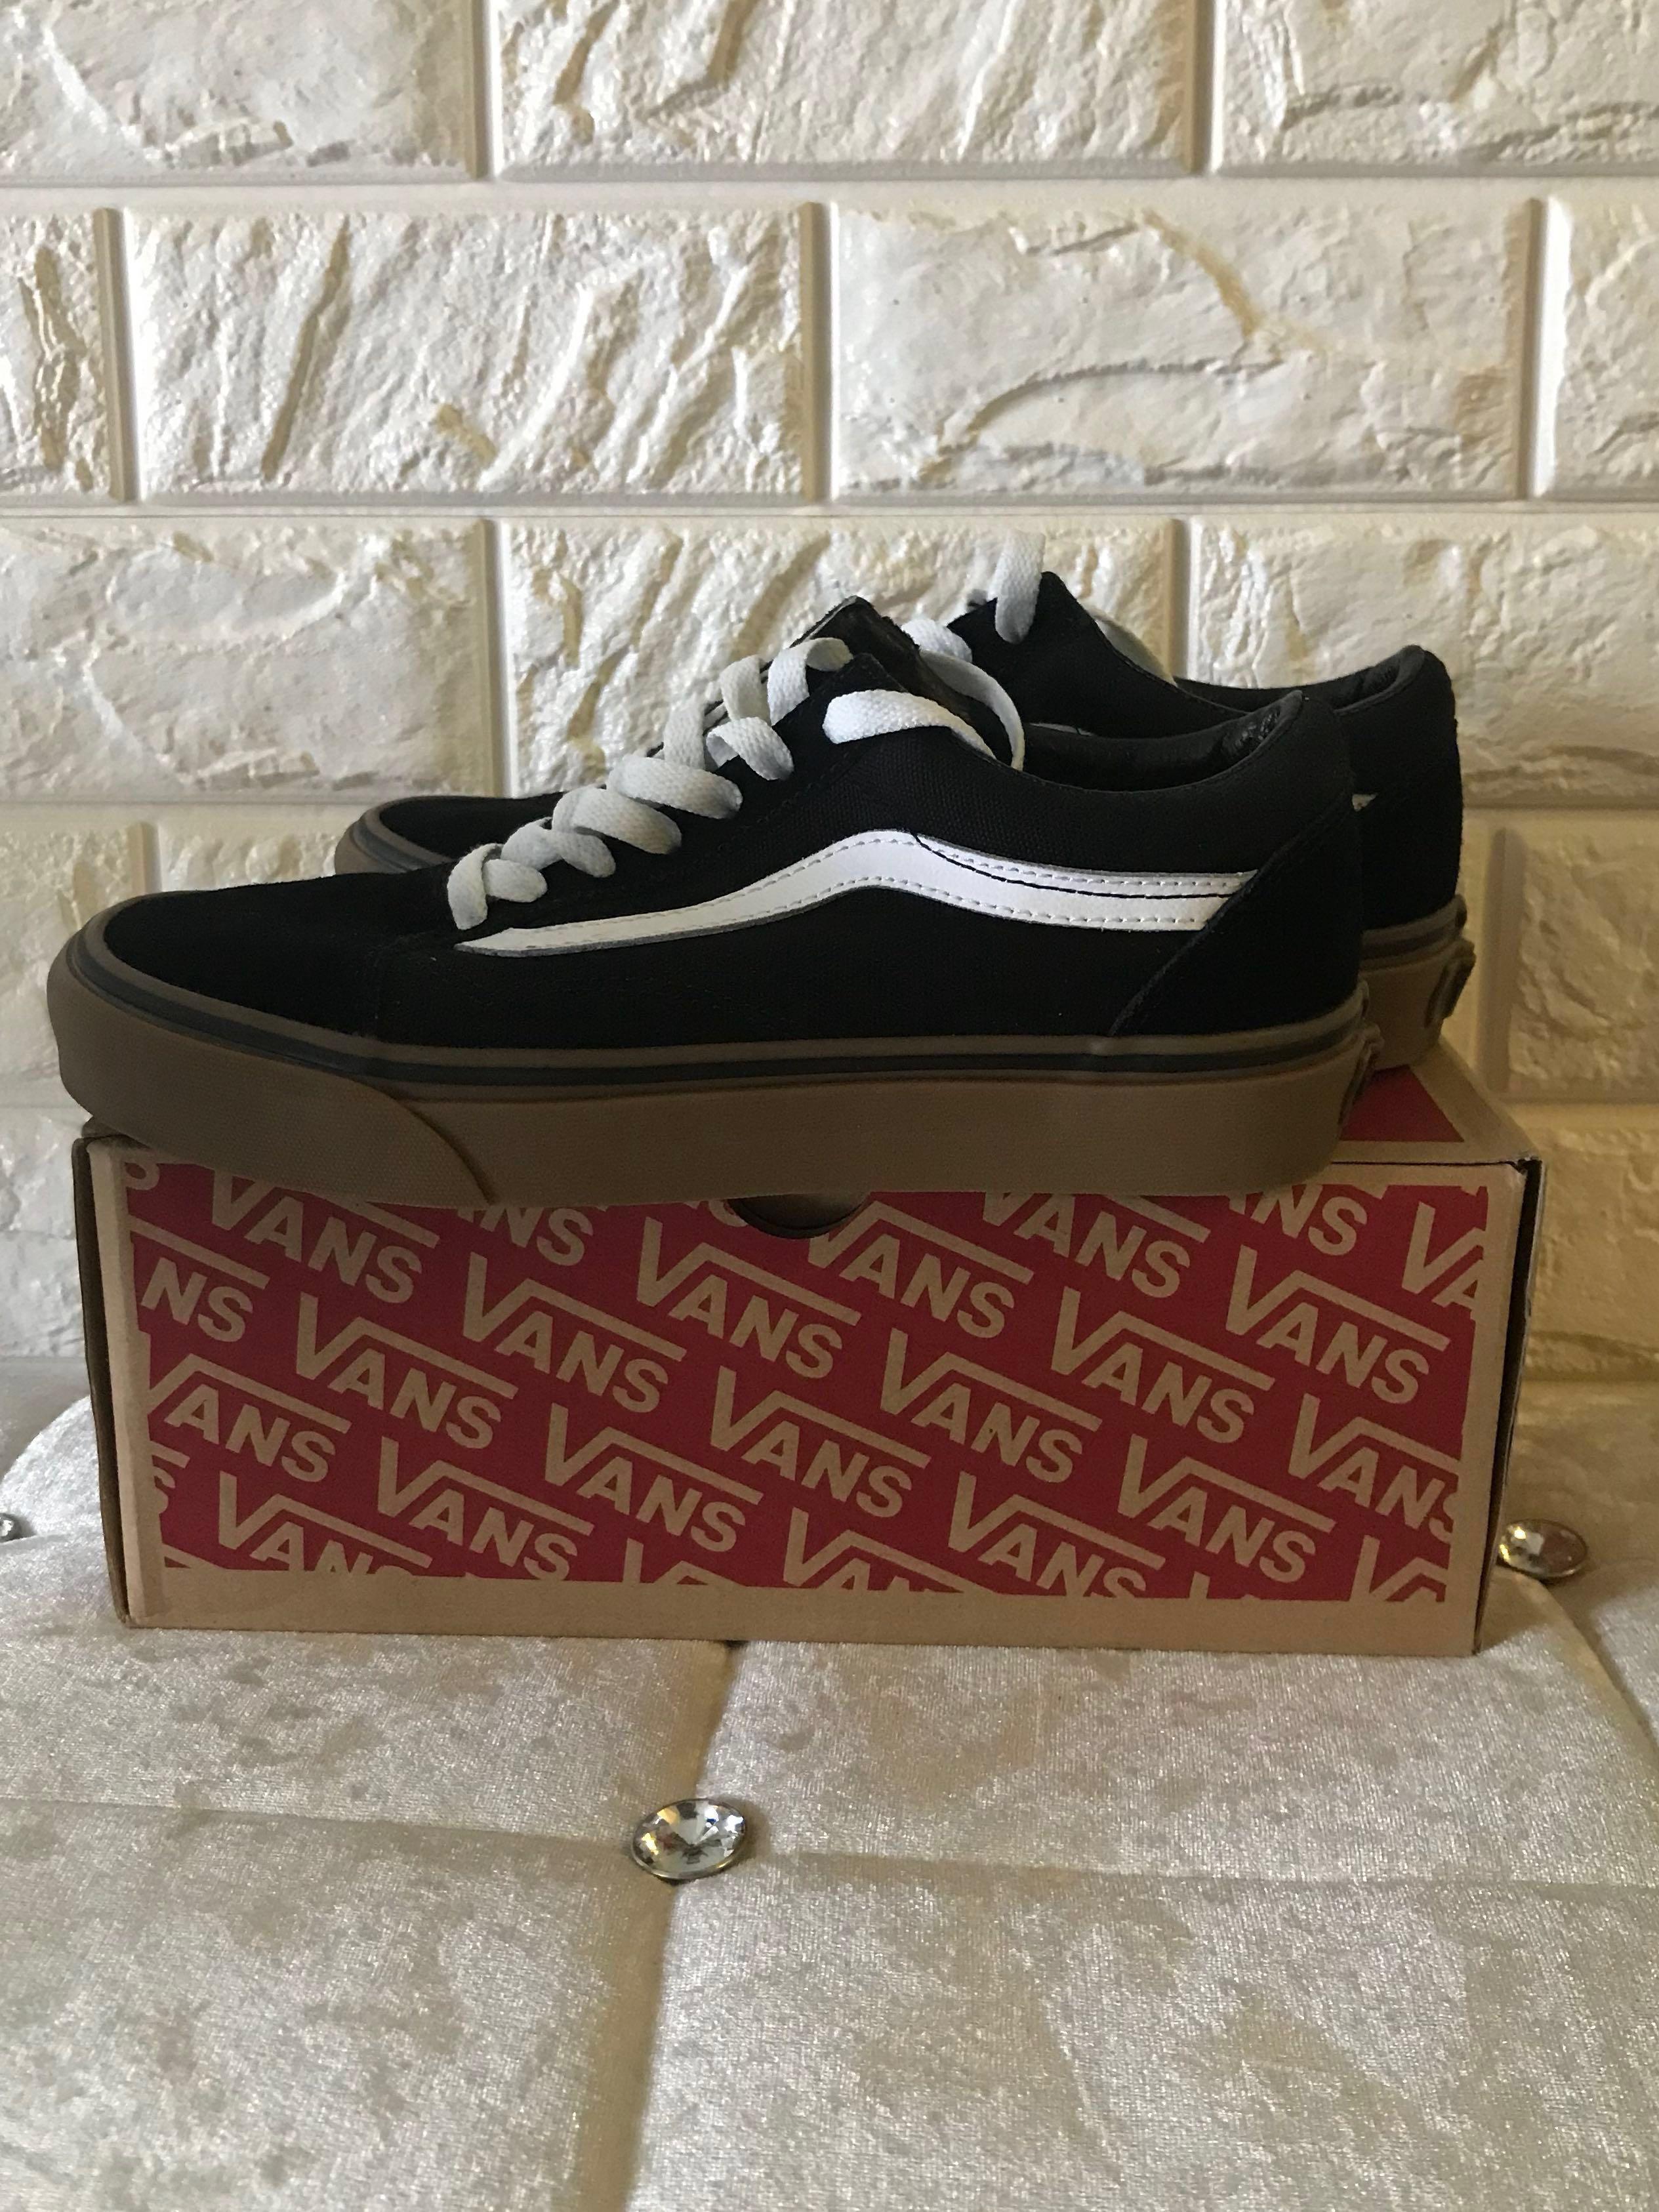 8ac40fff532 Vans Old Skool (Black and Gum sole)